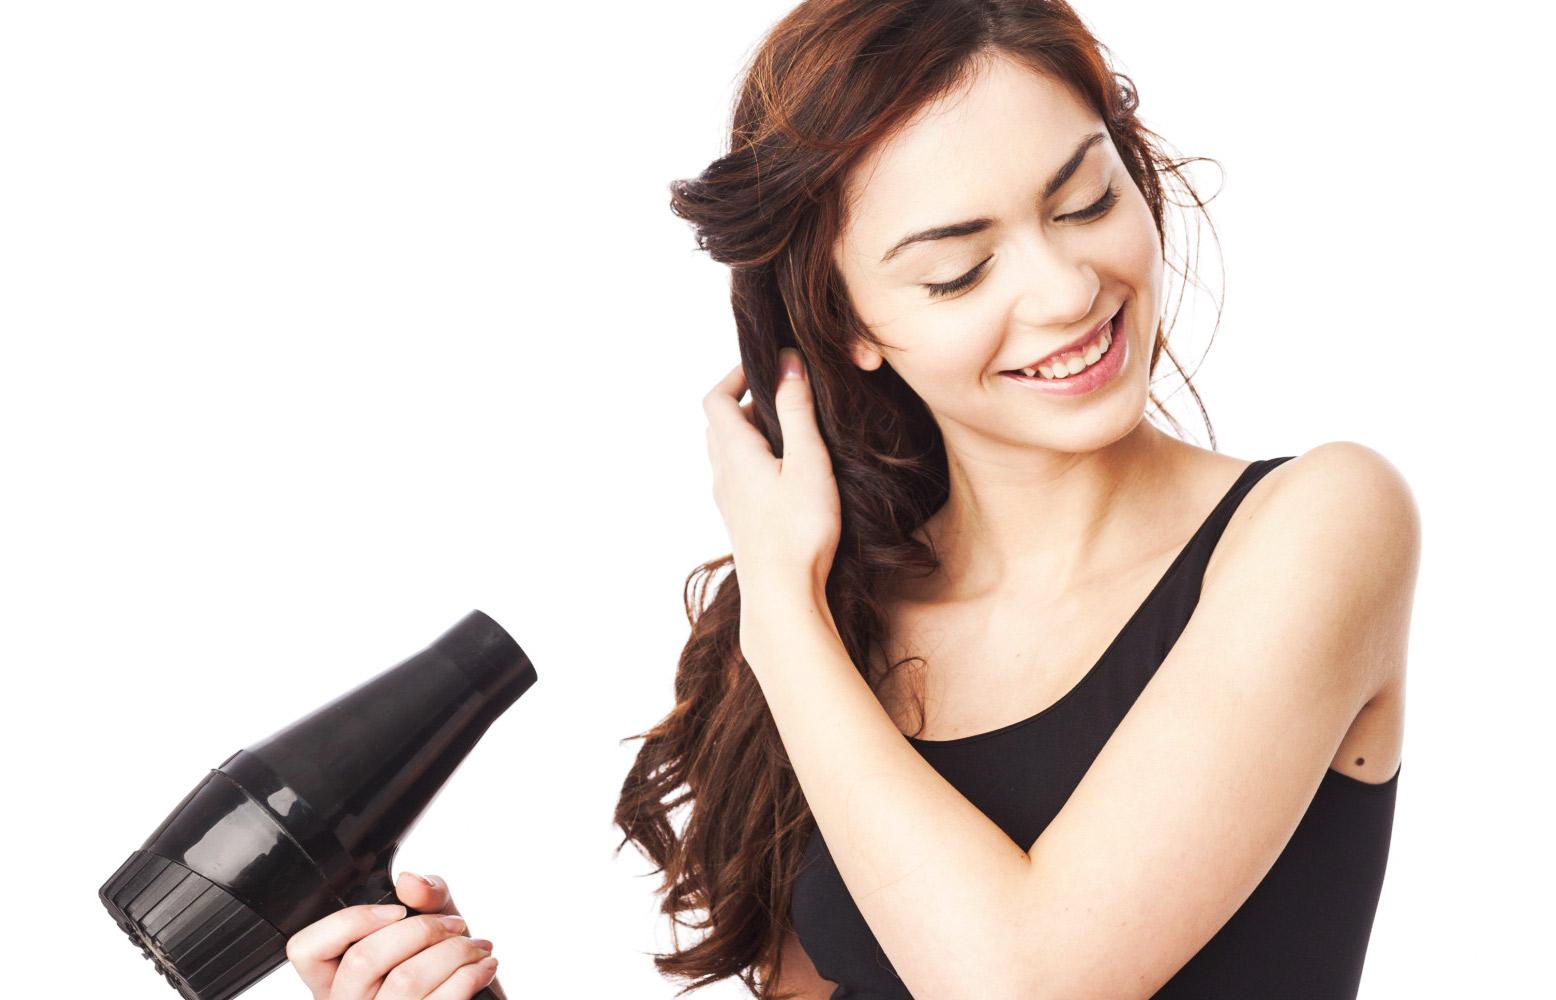 Hướng dẫn gội đầu bằng vitamin B1 để trị rụng tóc và nuôi tóc nhanh dài  - Ảnh 7